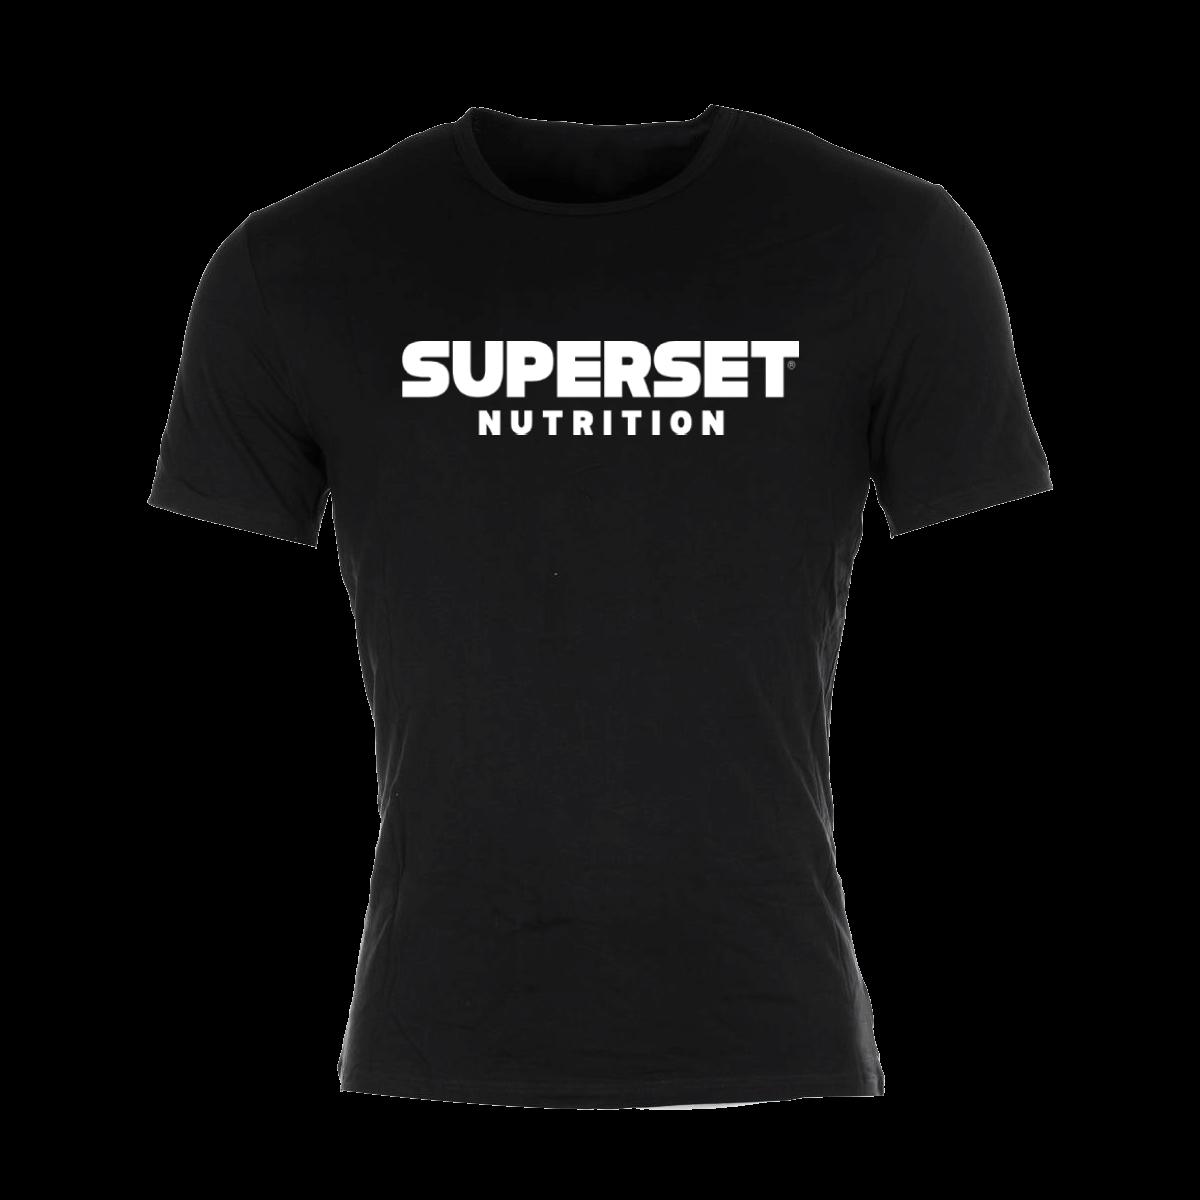 T-SHIRT SUPERSET